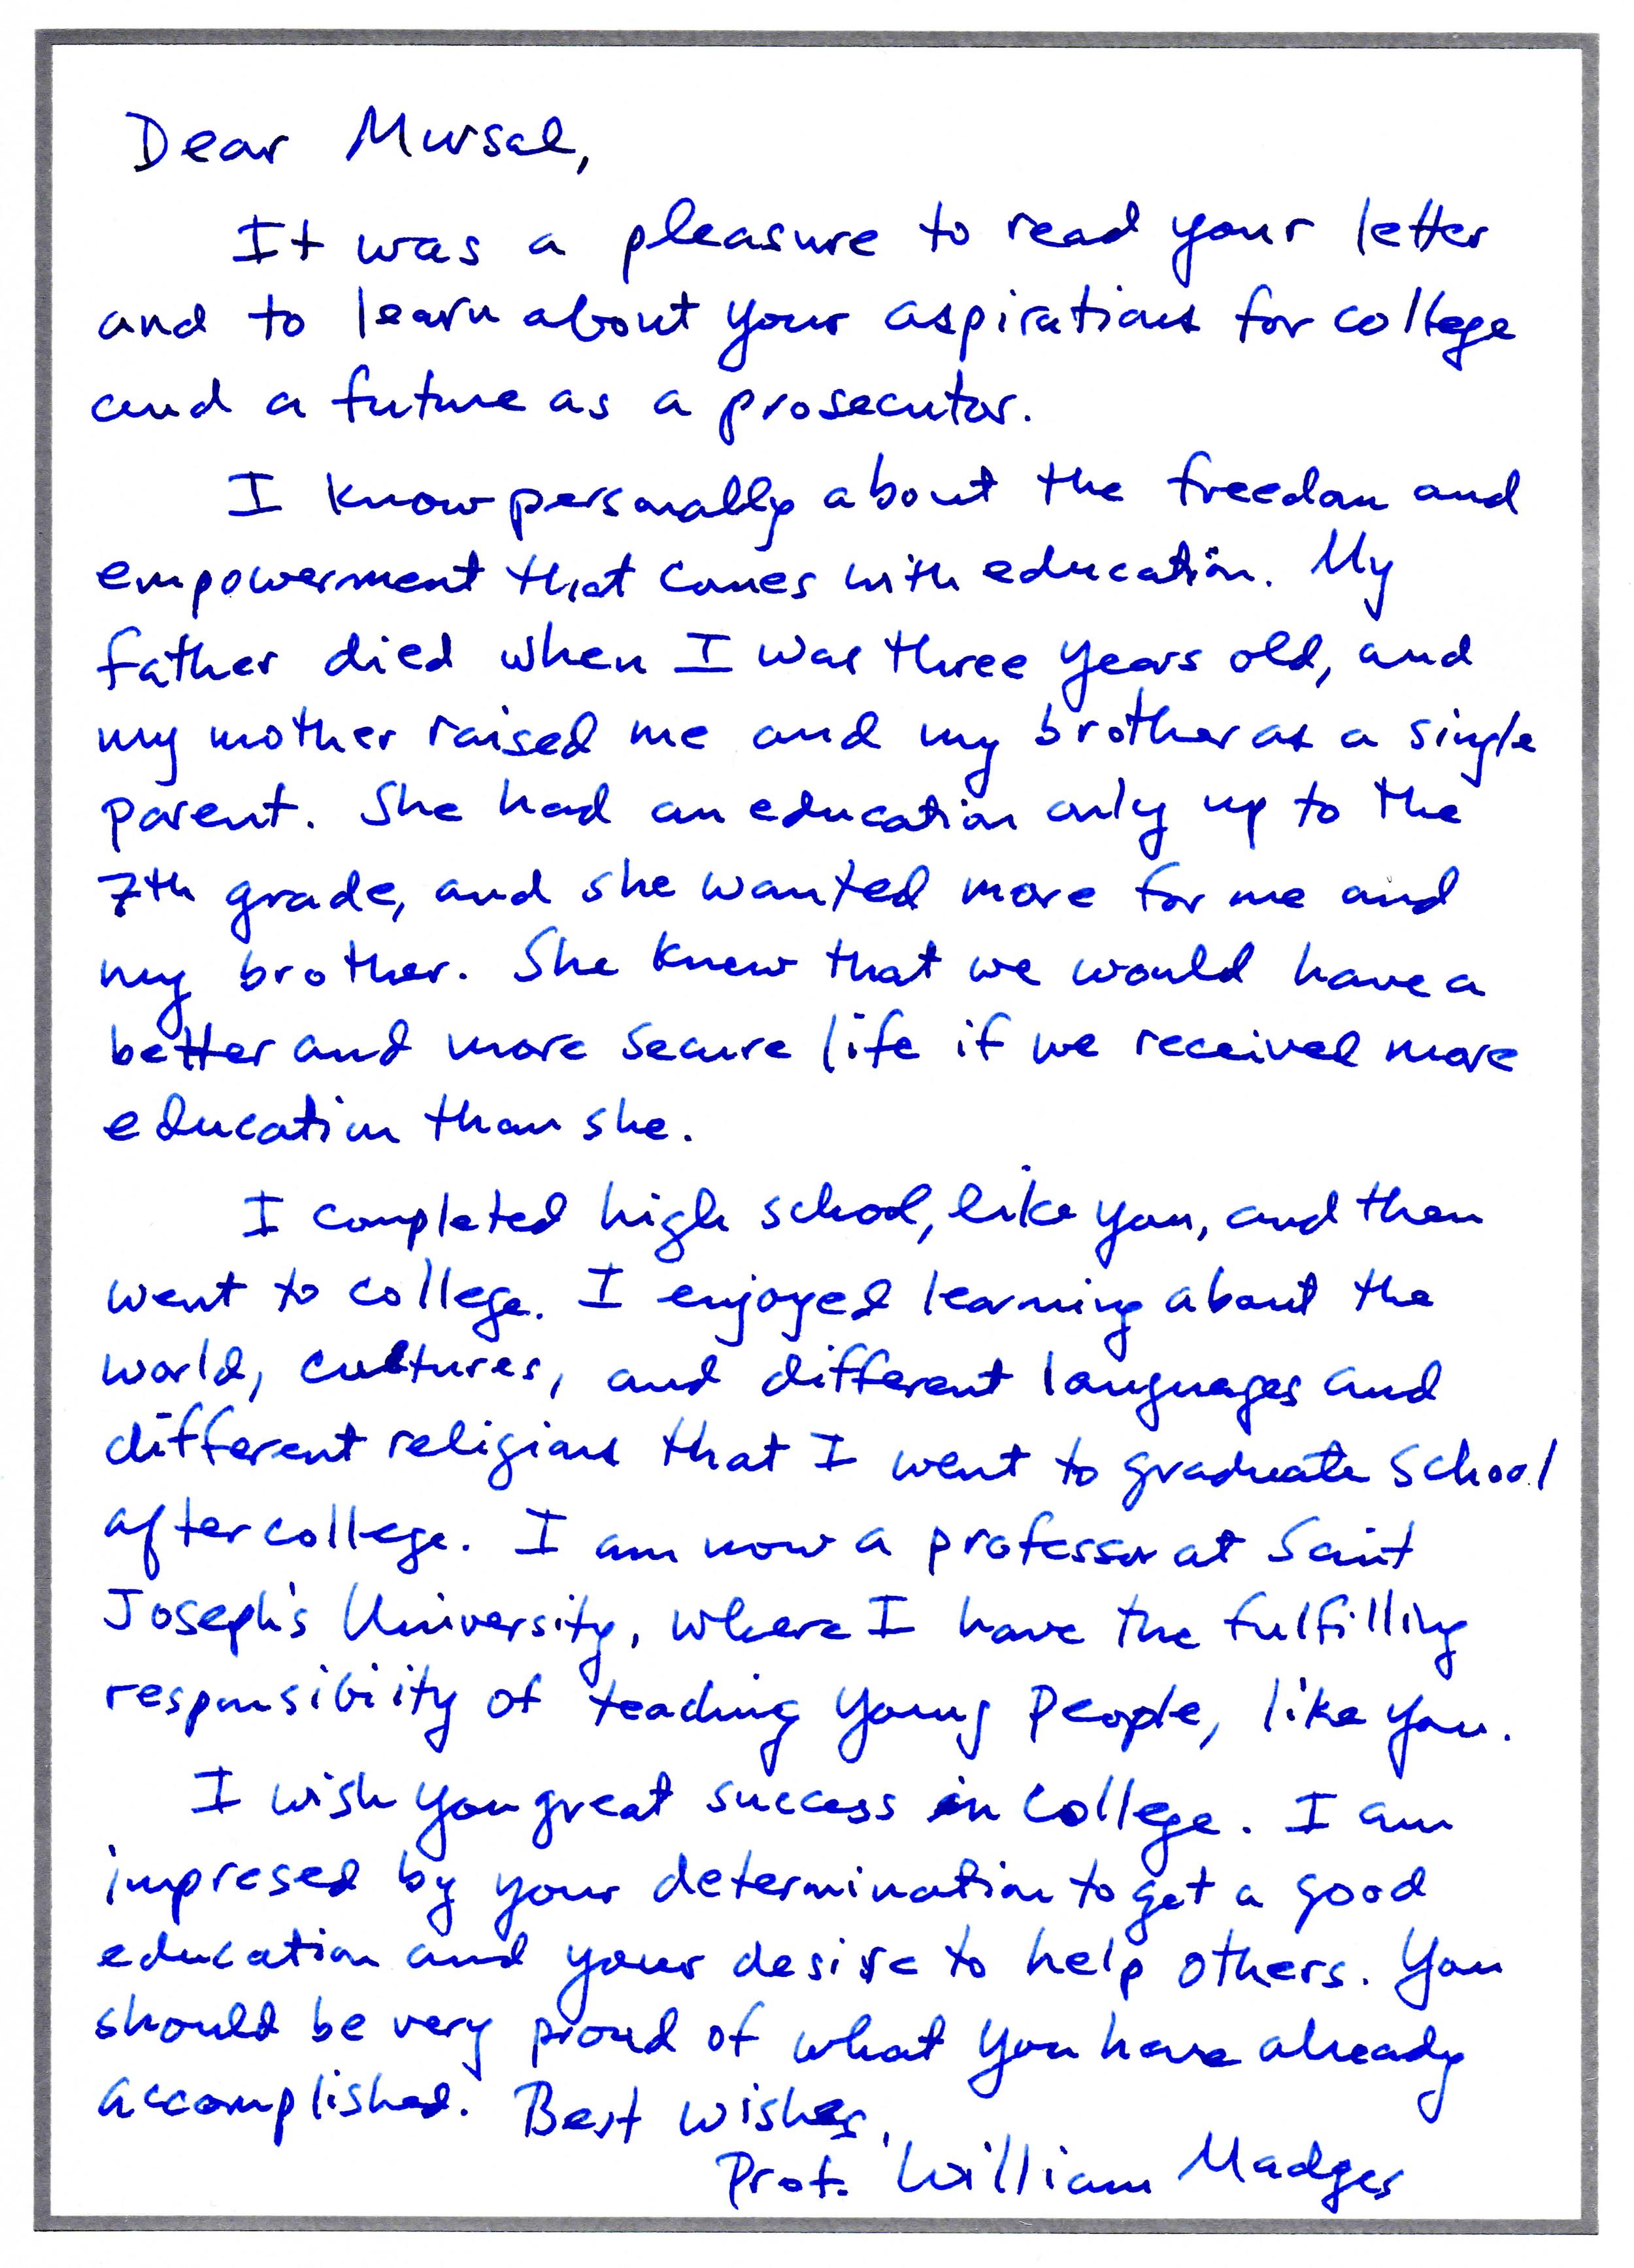 letter to Mursal (2) copy.jpg